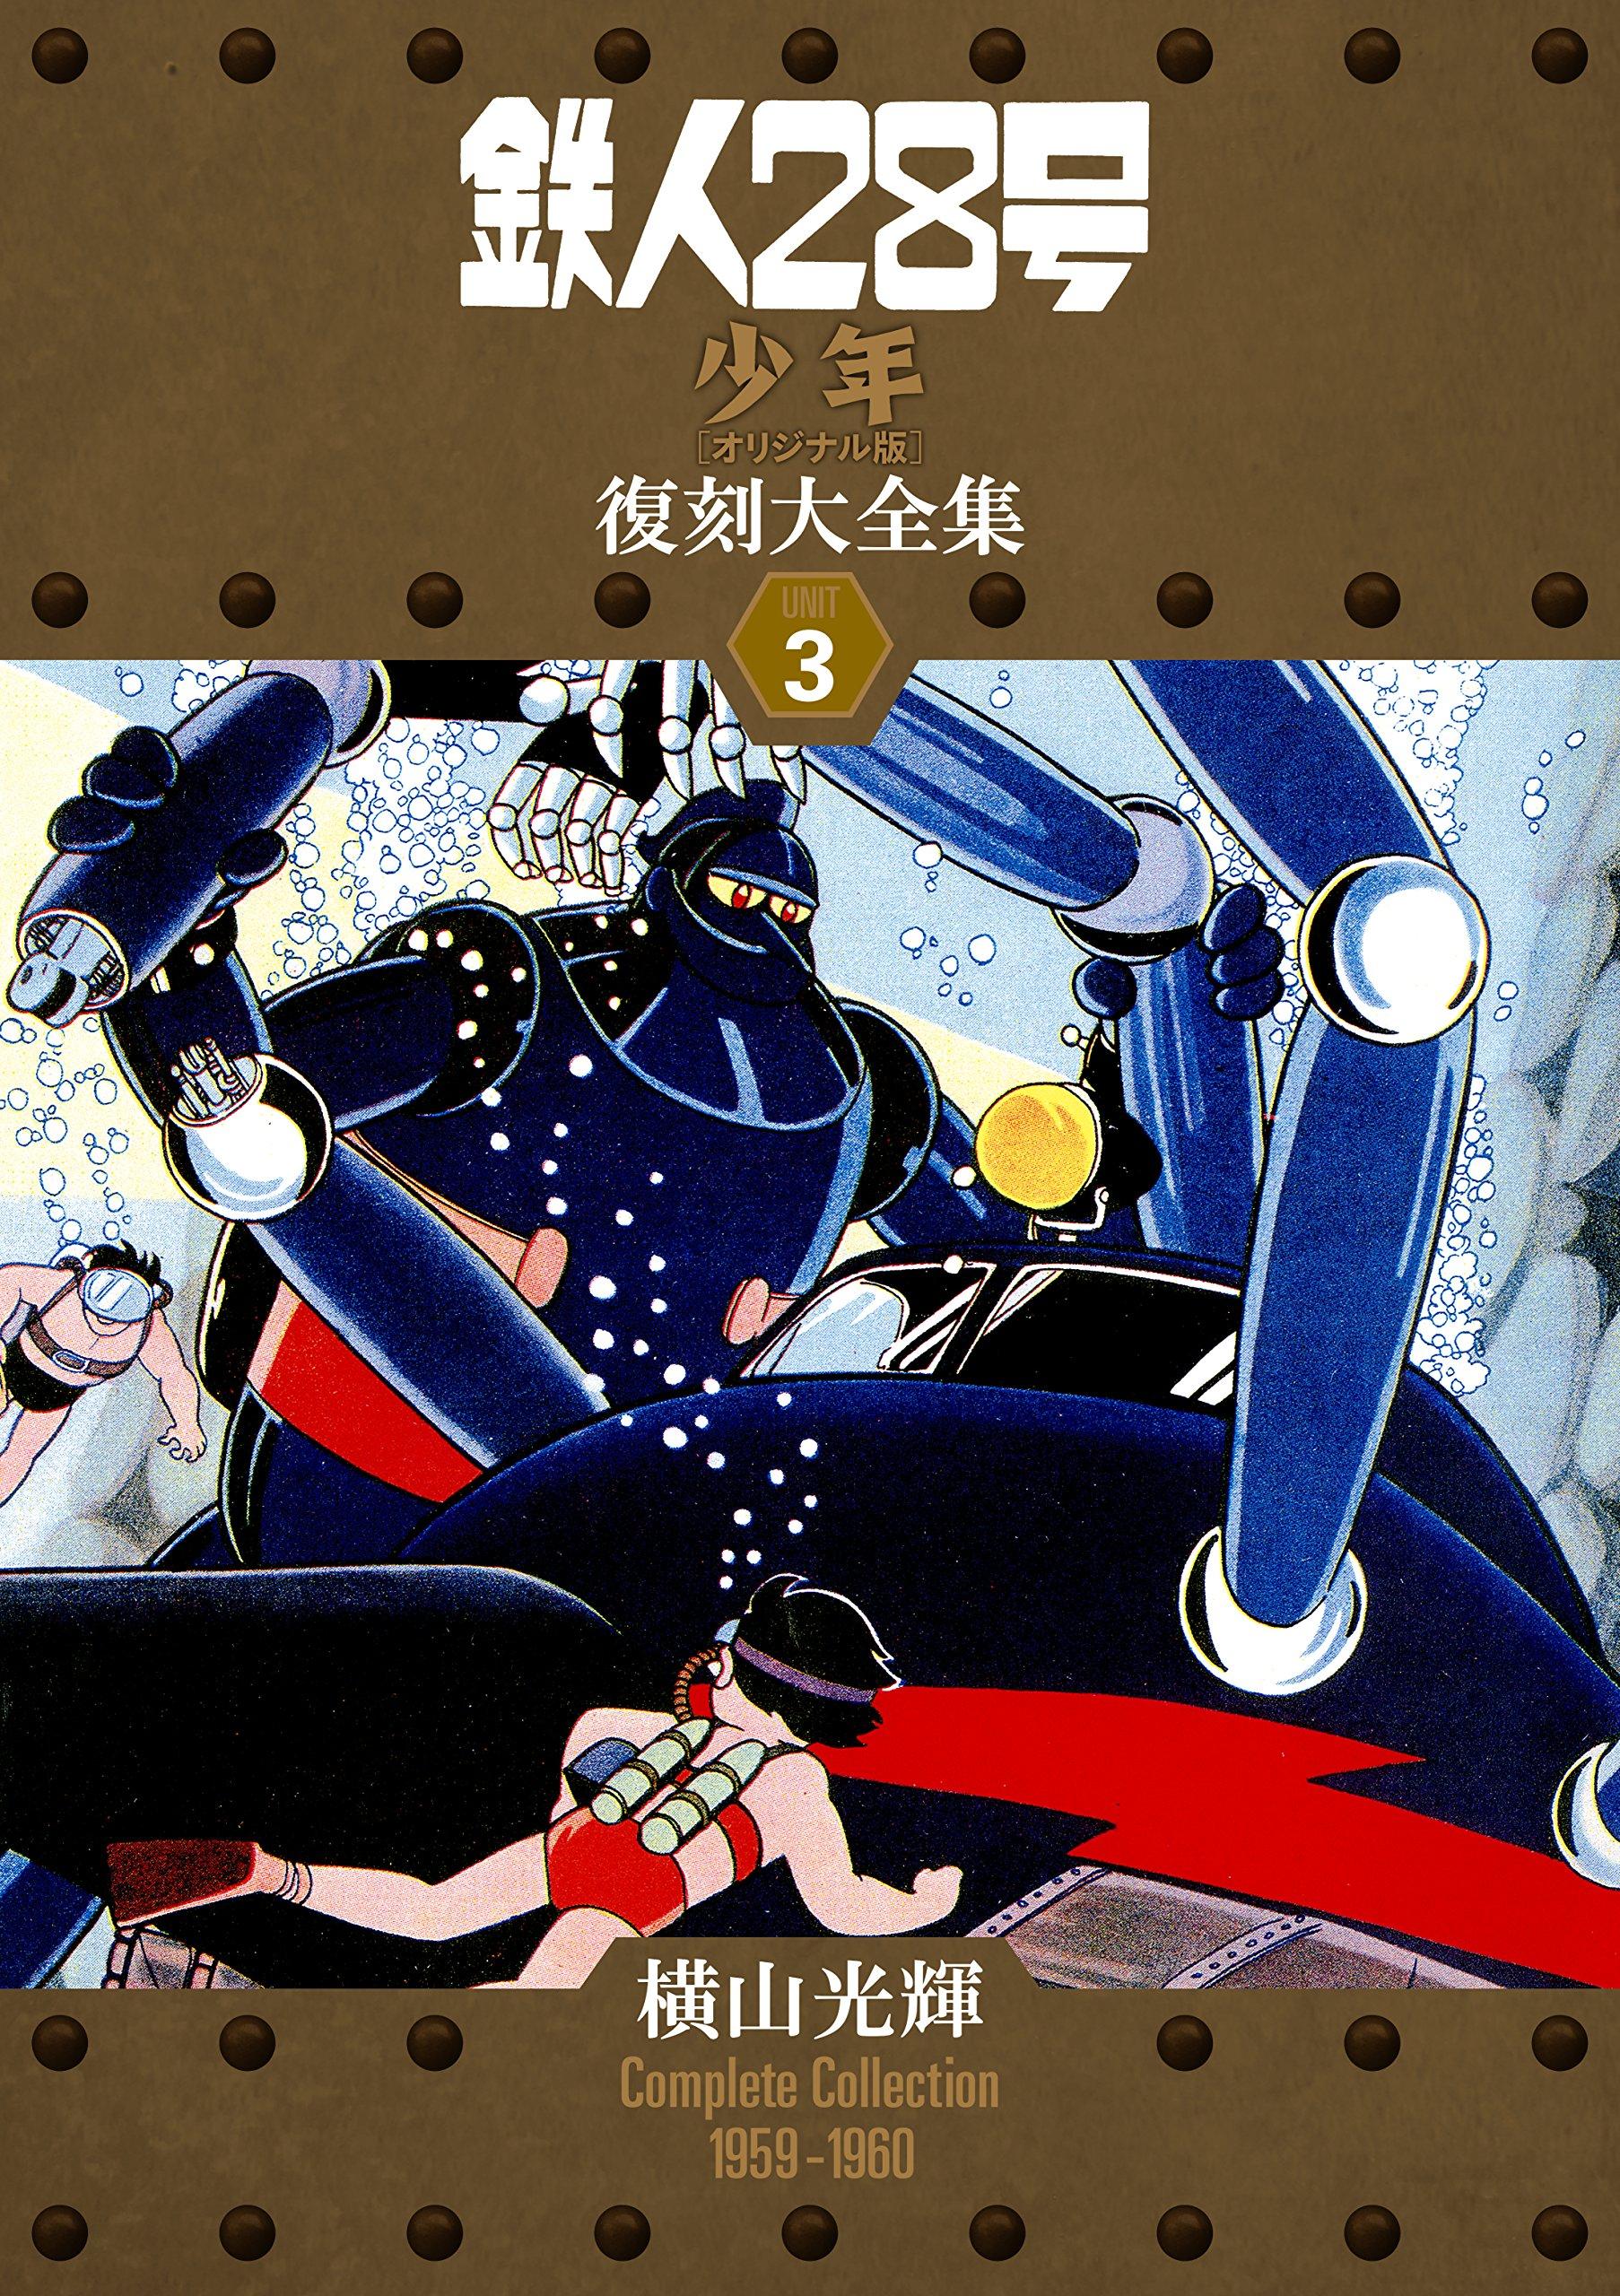 鉄人28号 《少年 オリジナル版》 復刻大全集 ユニット 3巻